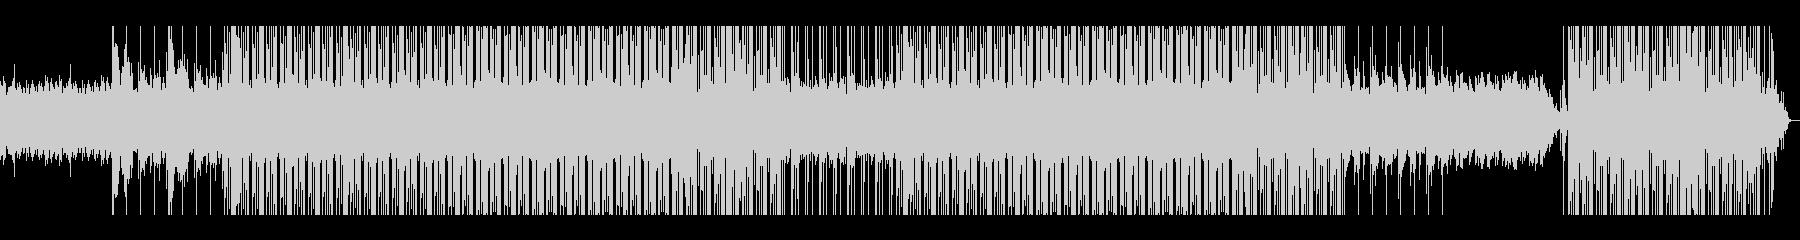 ピアノメインのチルなヒップホップの未再生の波形